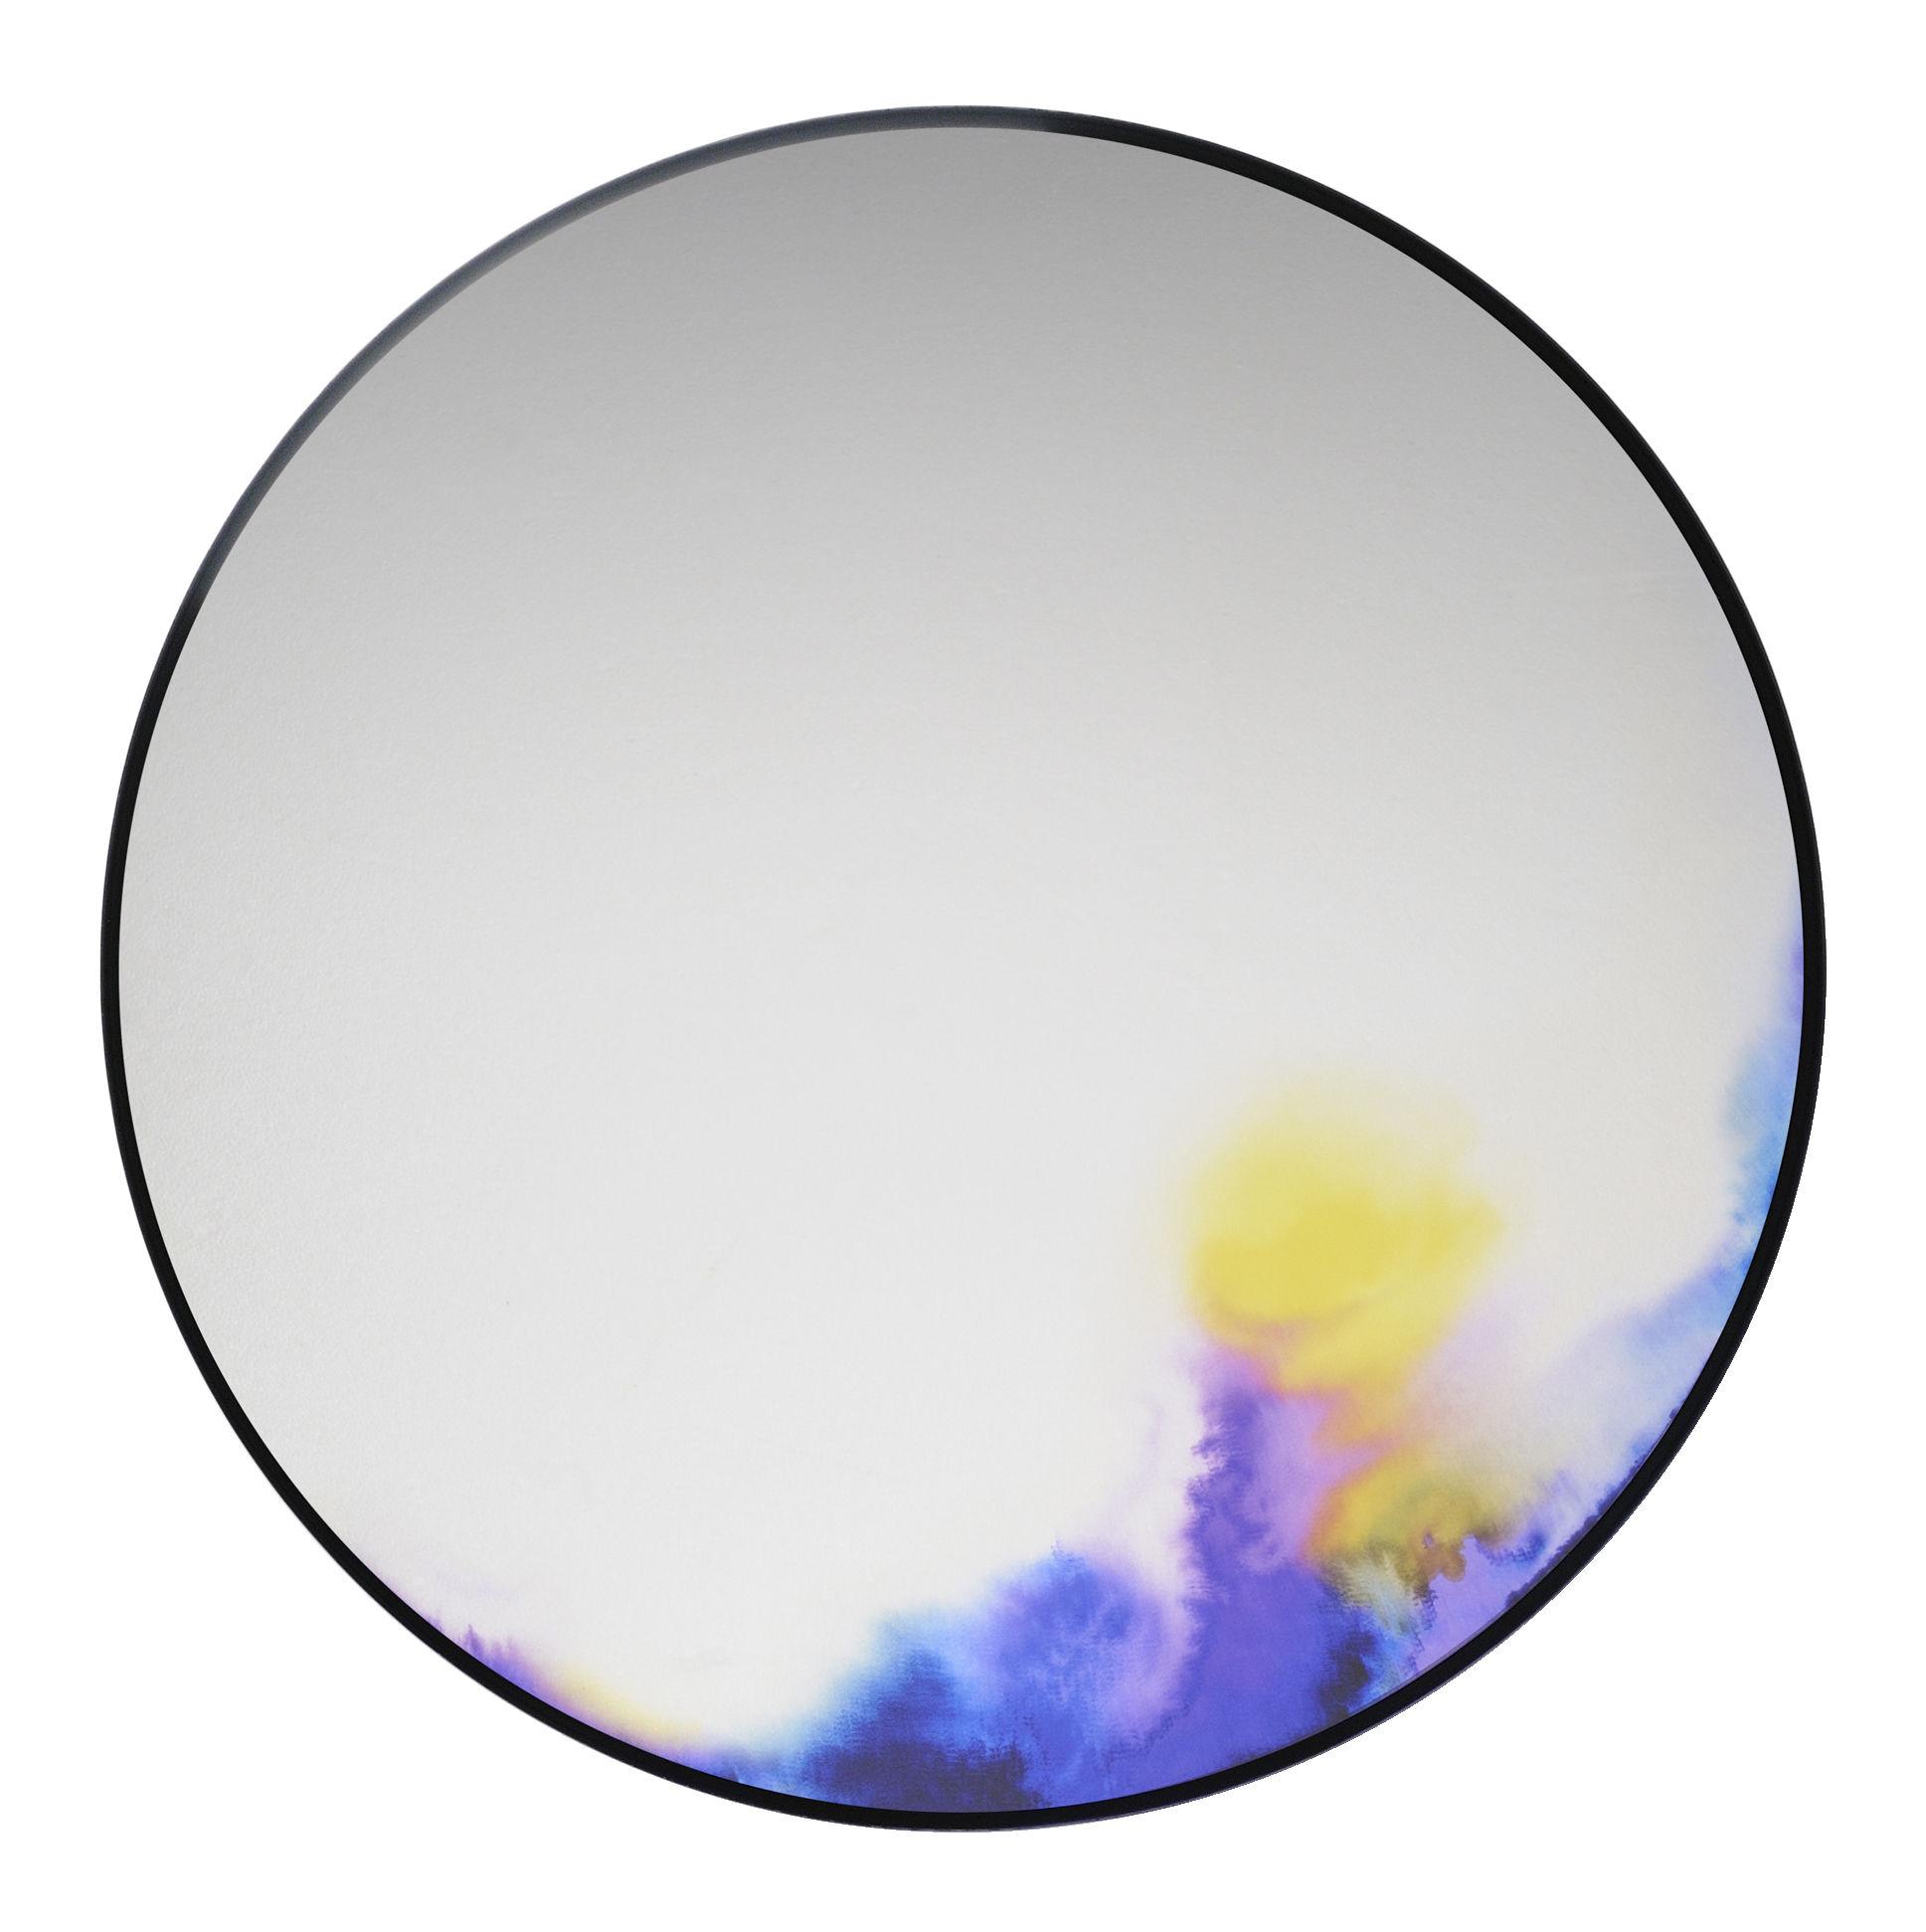 Mobilier - Miroirs - Miroir mural Francis Ø 60 cm - Petite Friture - Violet / bleu / jaune - Aluminium peint, Verre